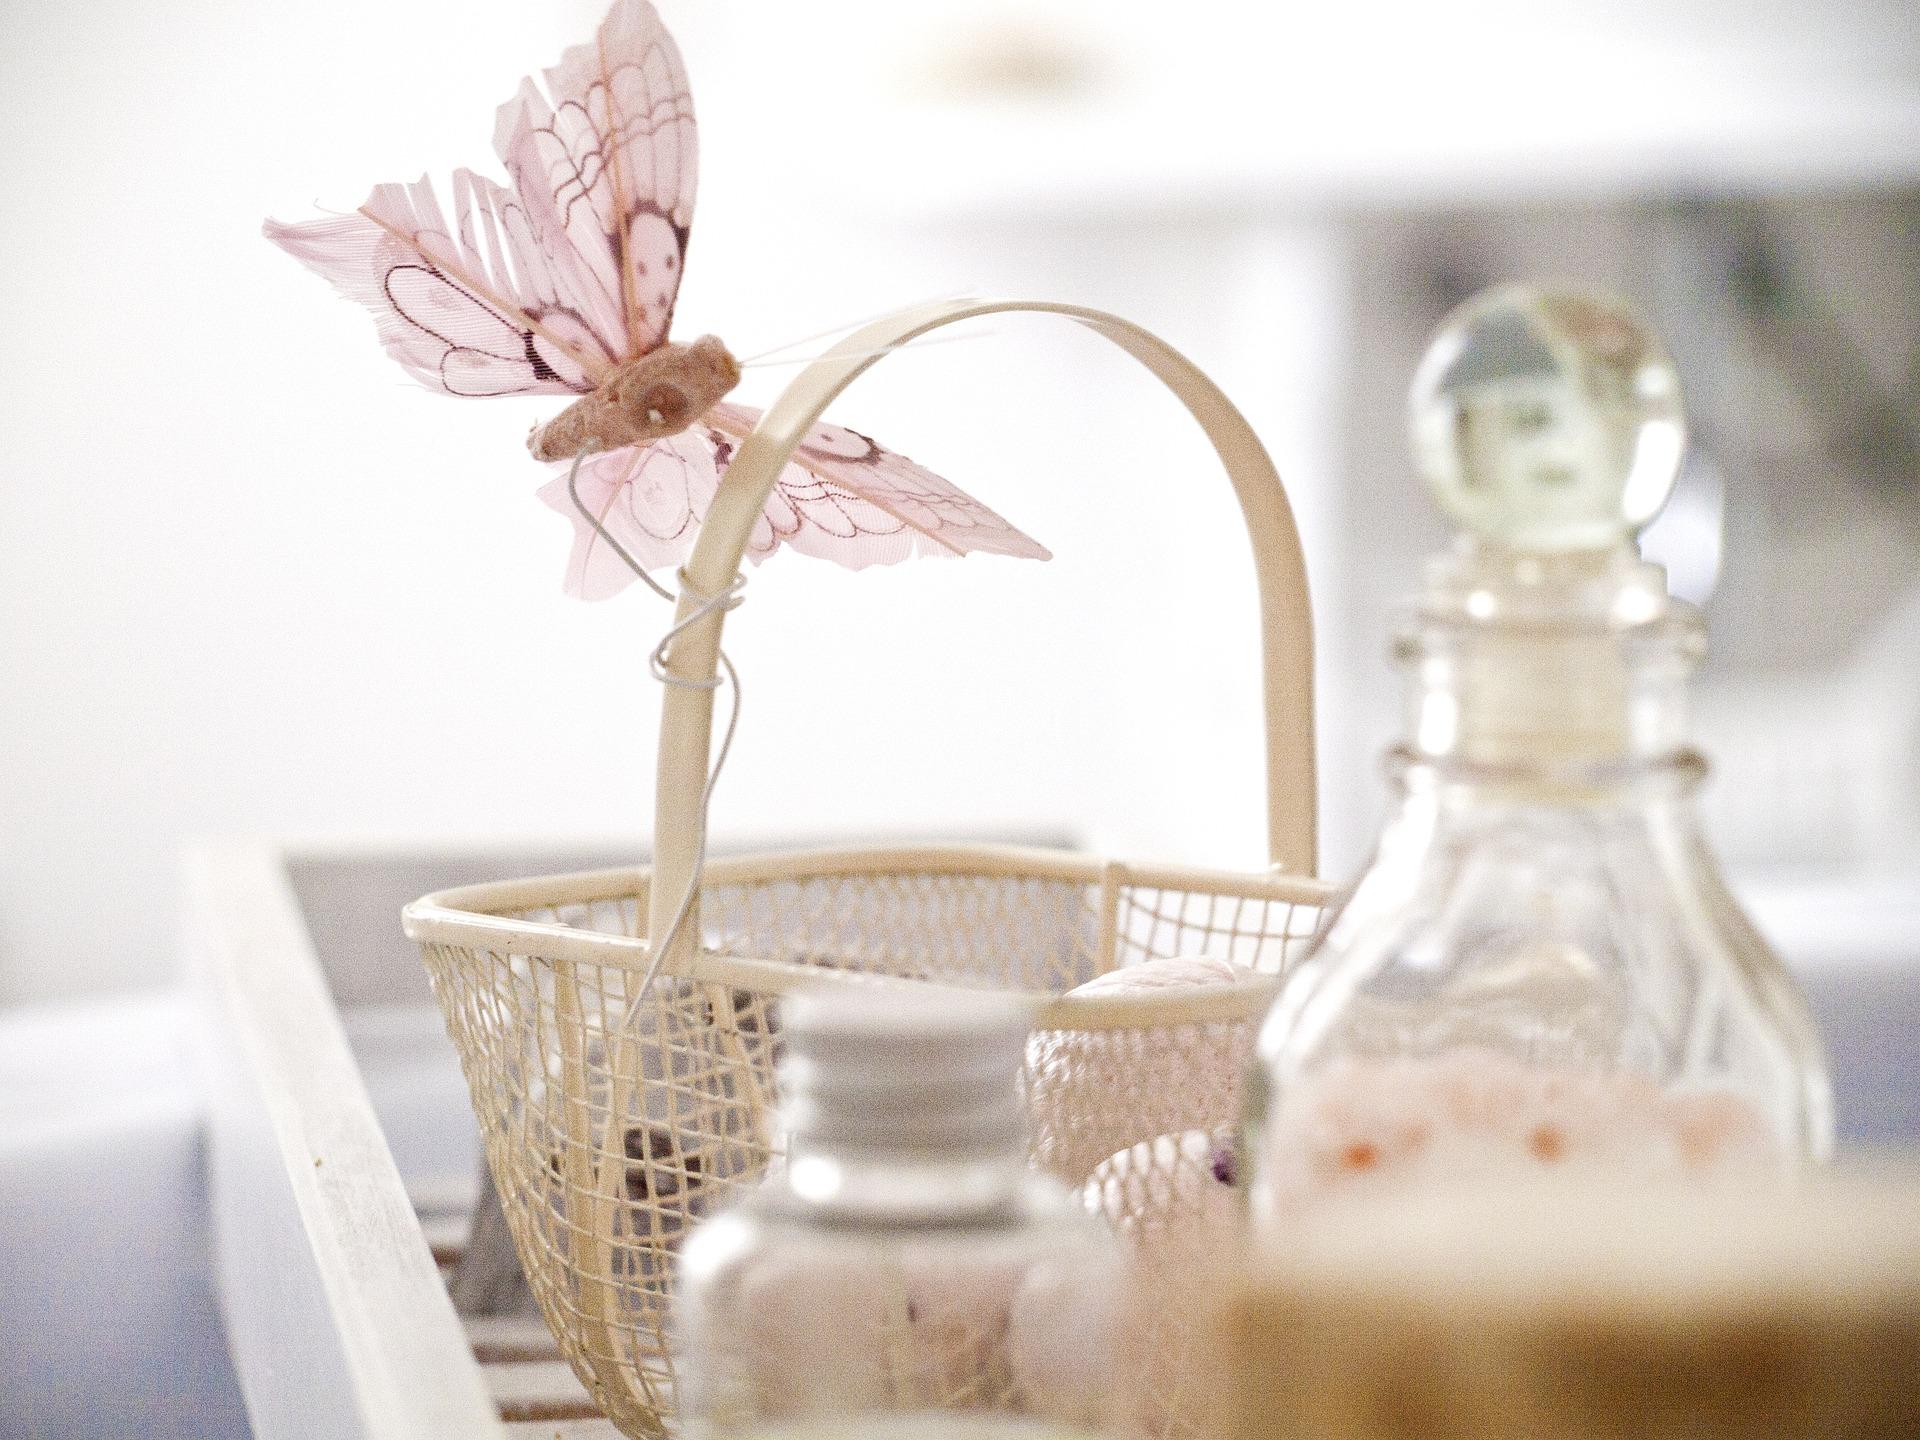 Use todos os produtos de beleza esquecidos no banheiro! Você merece!